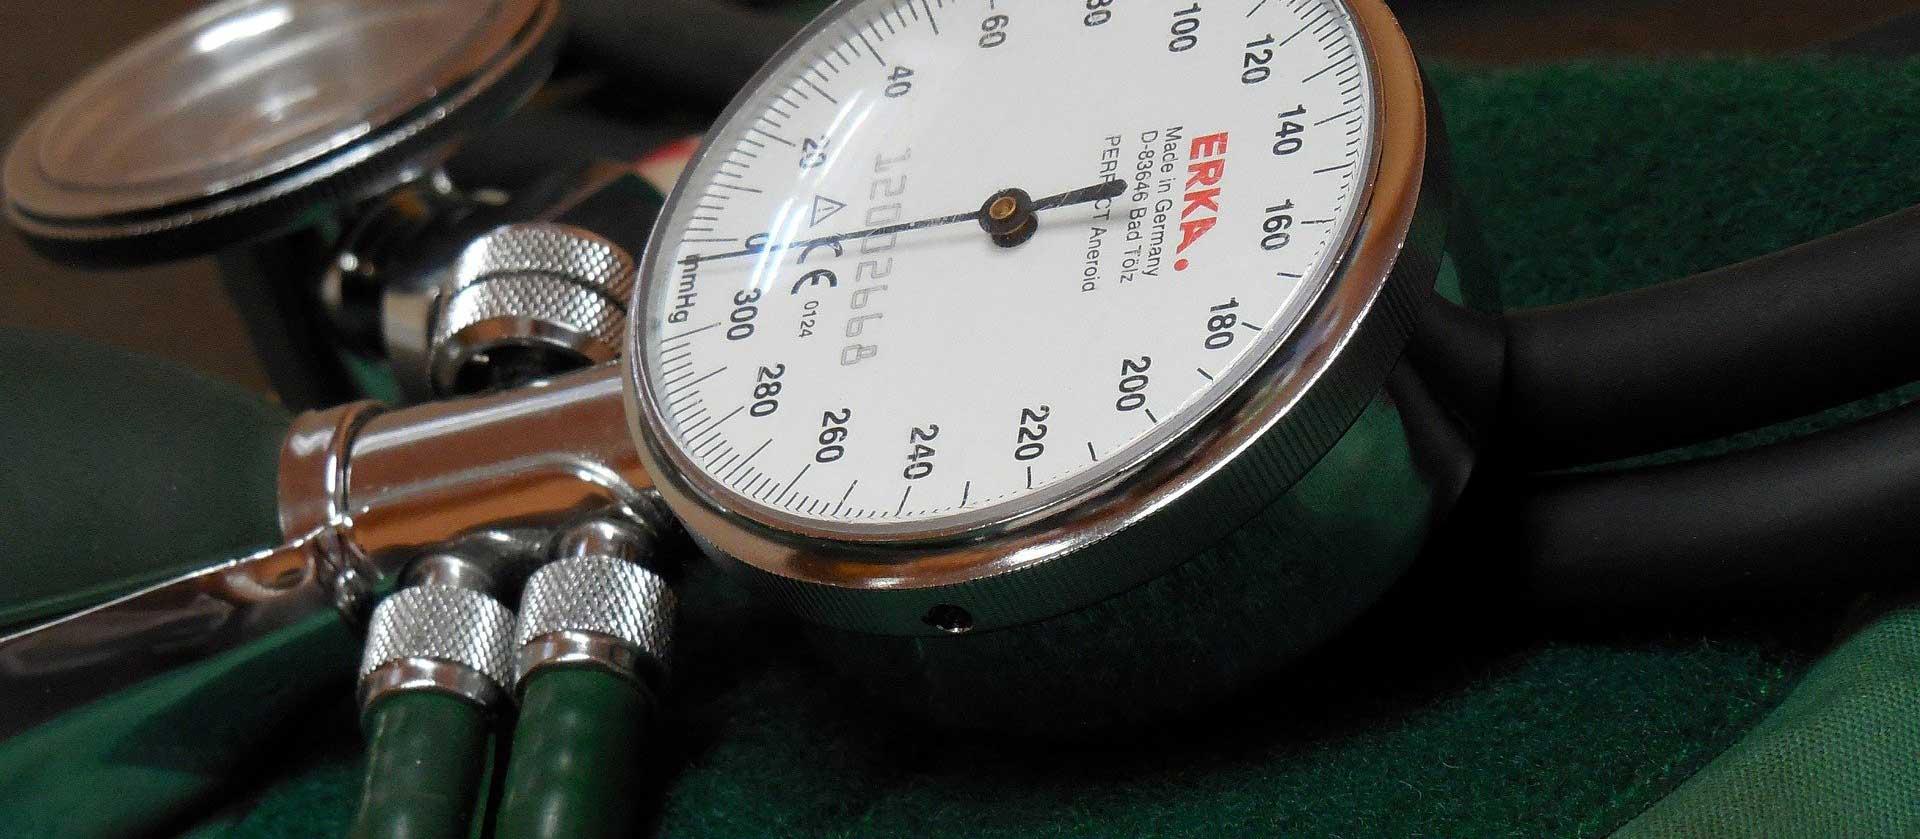 Ostdeutsche leiden häufiger unter Bluthochdruck